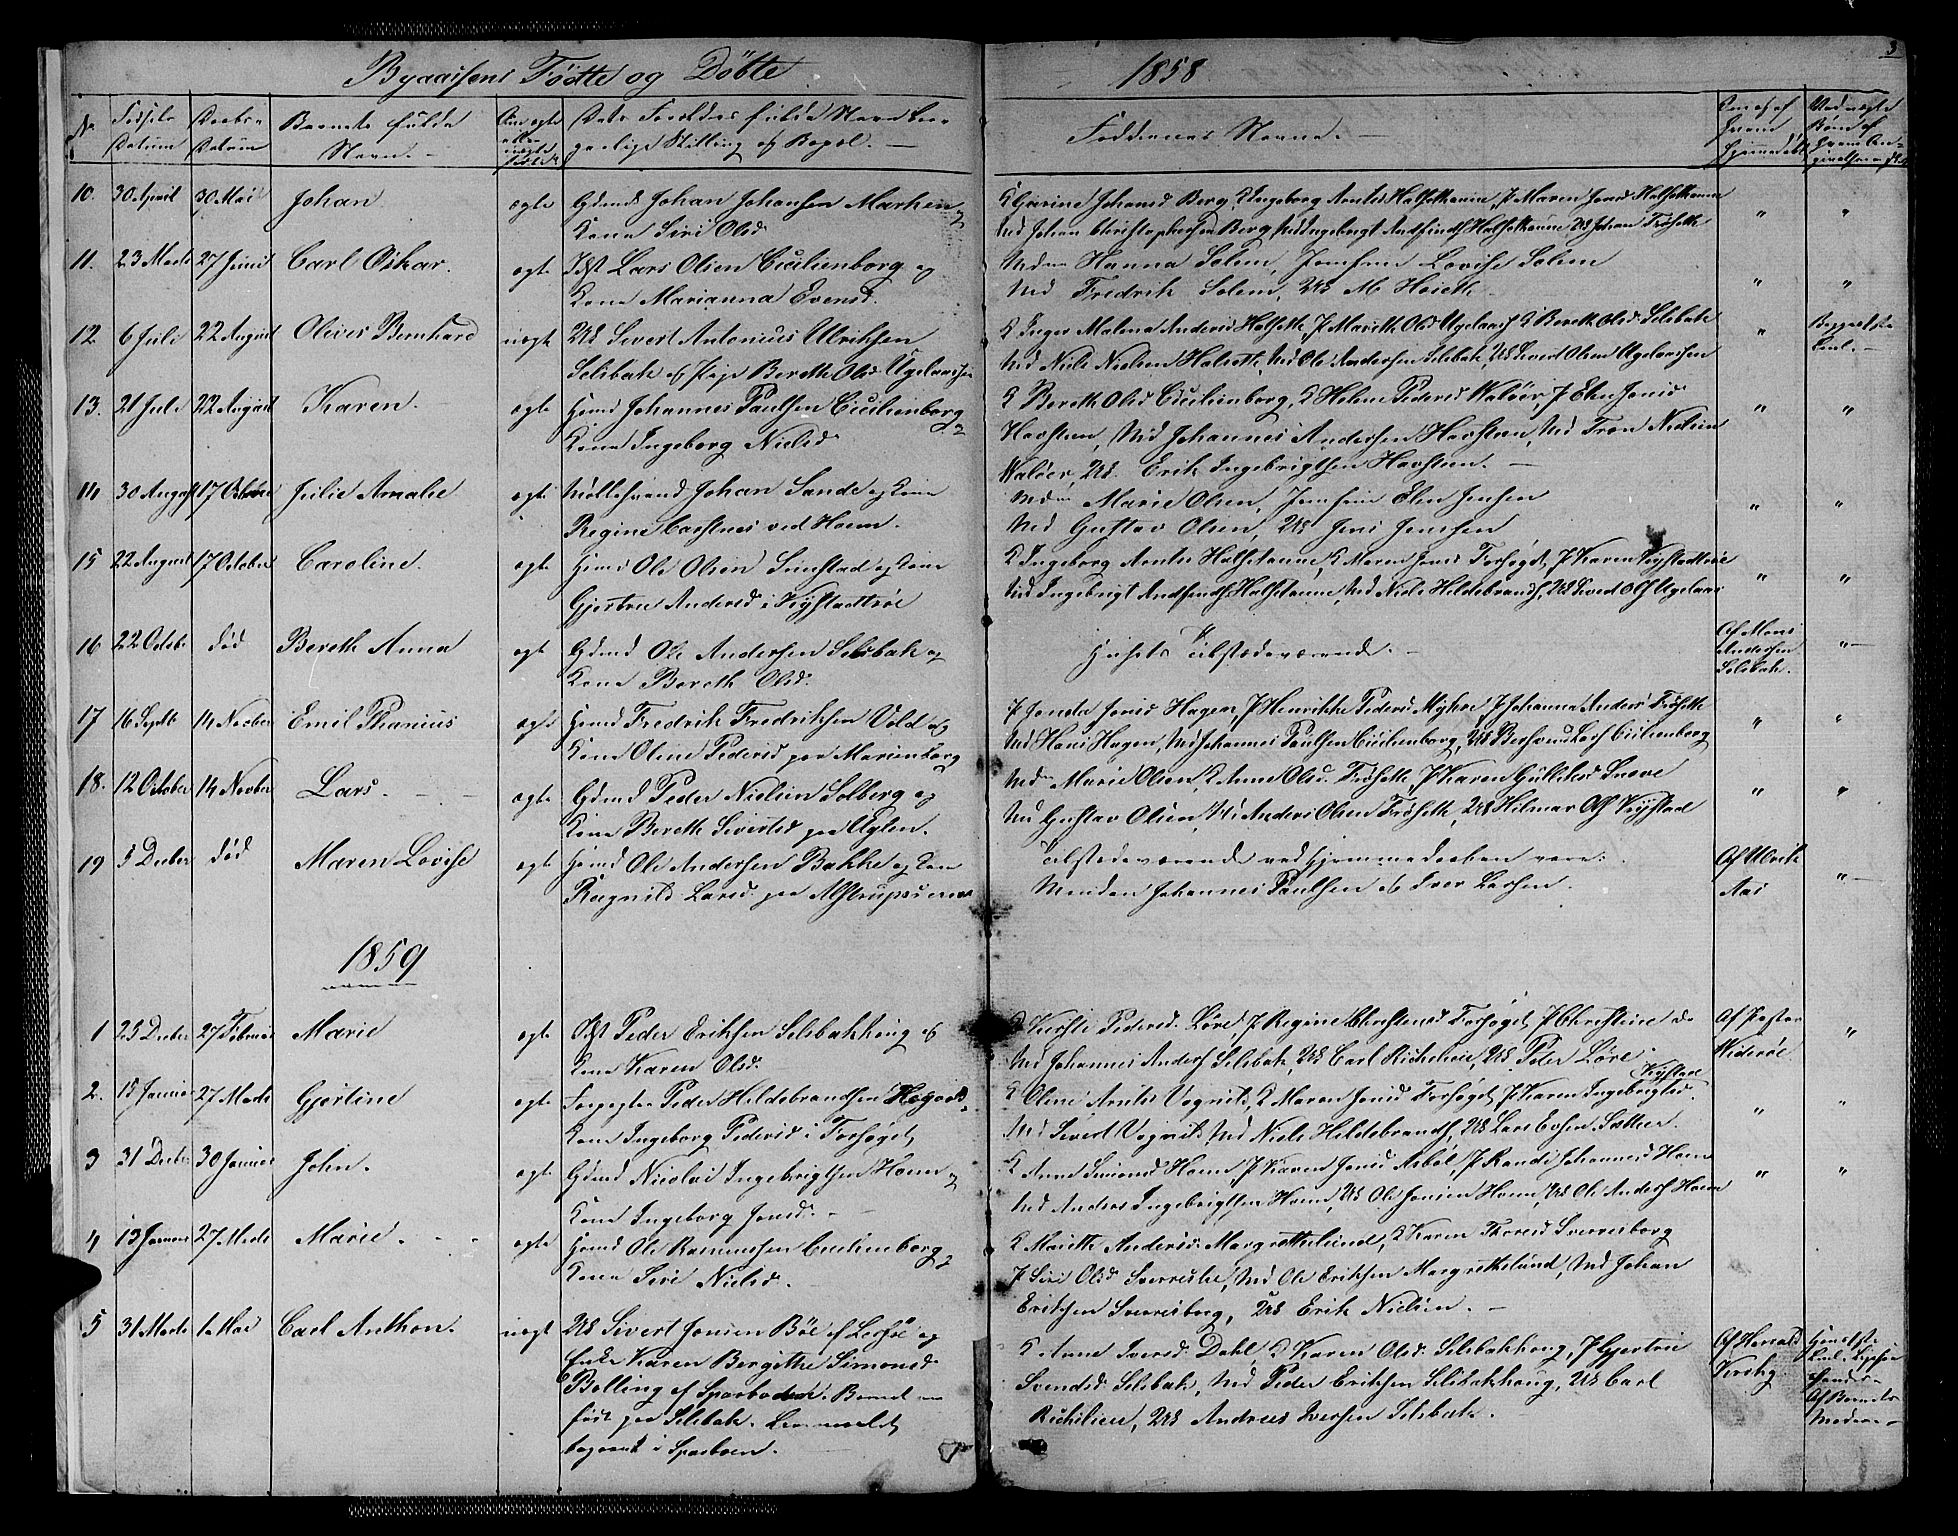 SAT, Ministerialprotokoller, klokkerbøker og fødselsregistre - Sør-Trøndelag, 611/L0353: Klokkerbok nr. 611C01, 1854-1881, s. 3